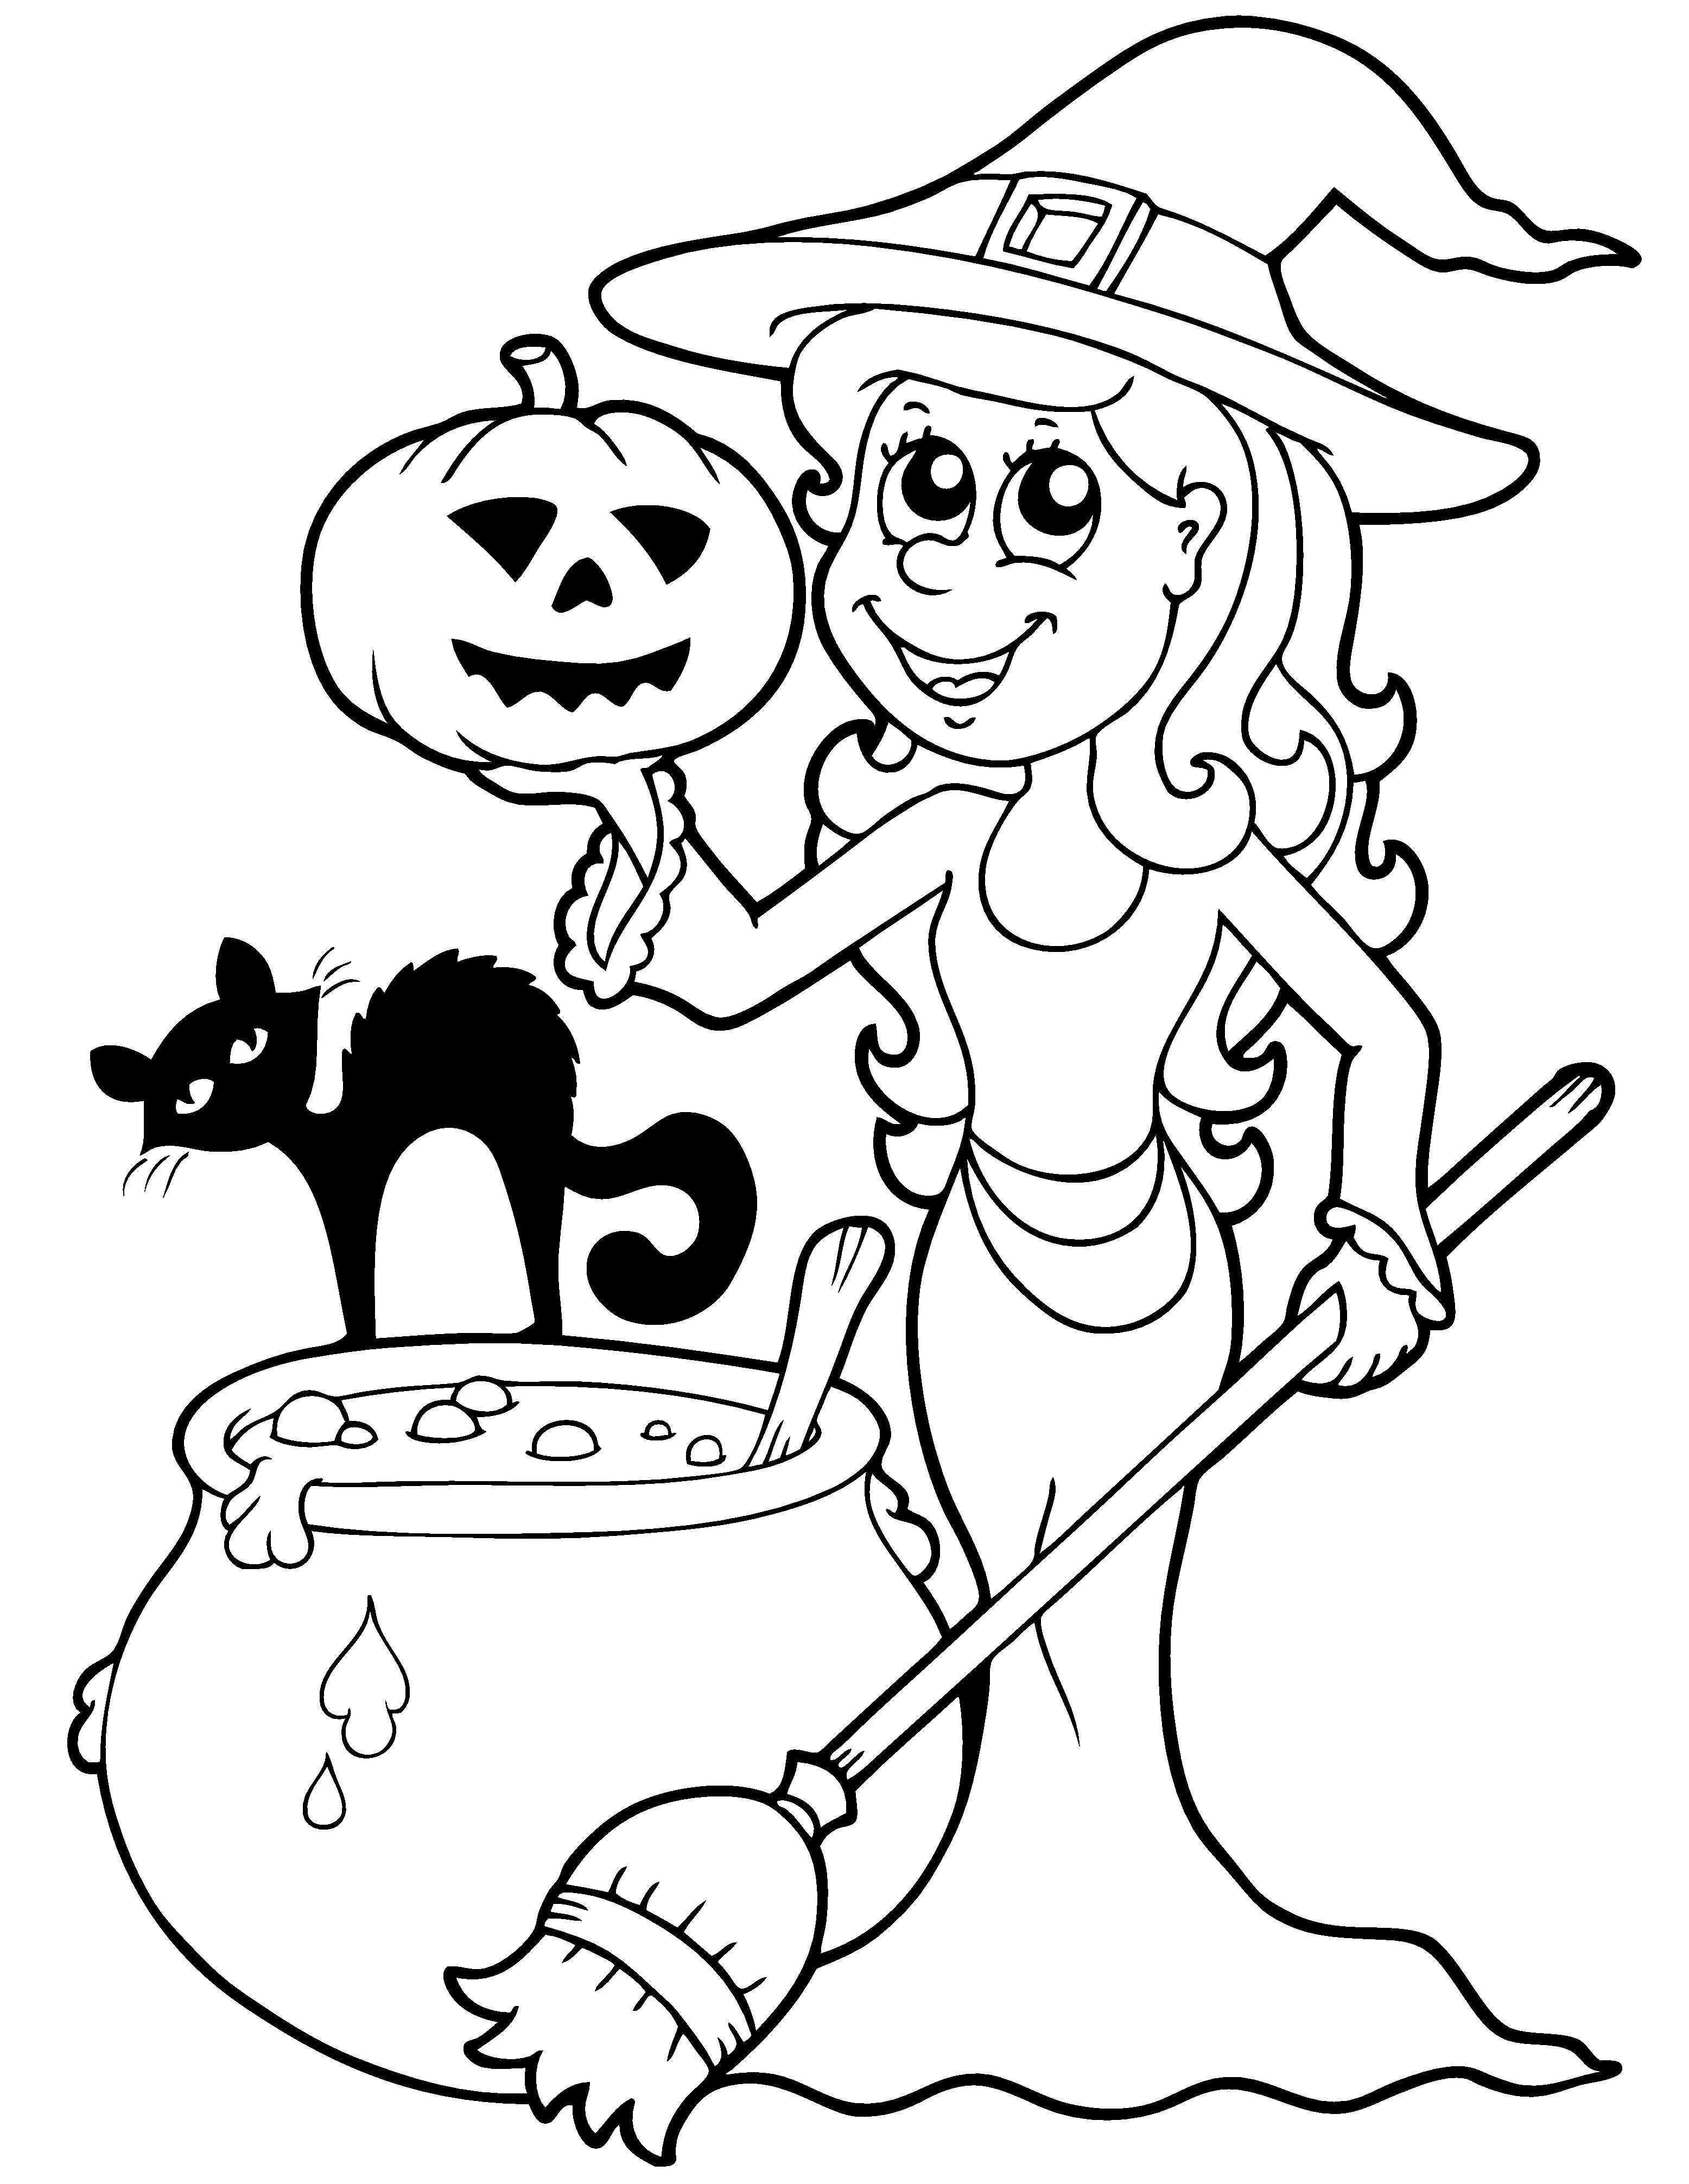 Een Leuke Kleurplaat Voor Halloween Kijk Op De Surfsleutel Voor De Printversie Halloween Tekeningen Knutselen Met Halloween Halloween Foto S